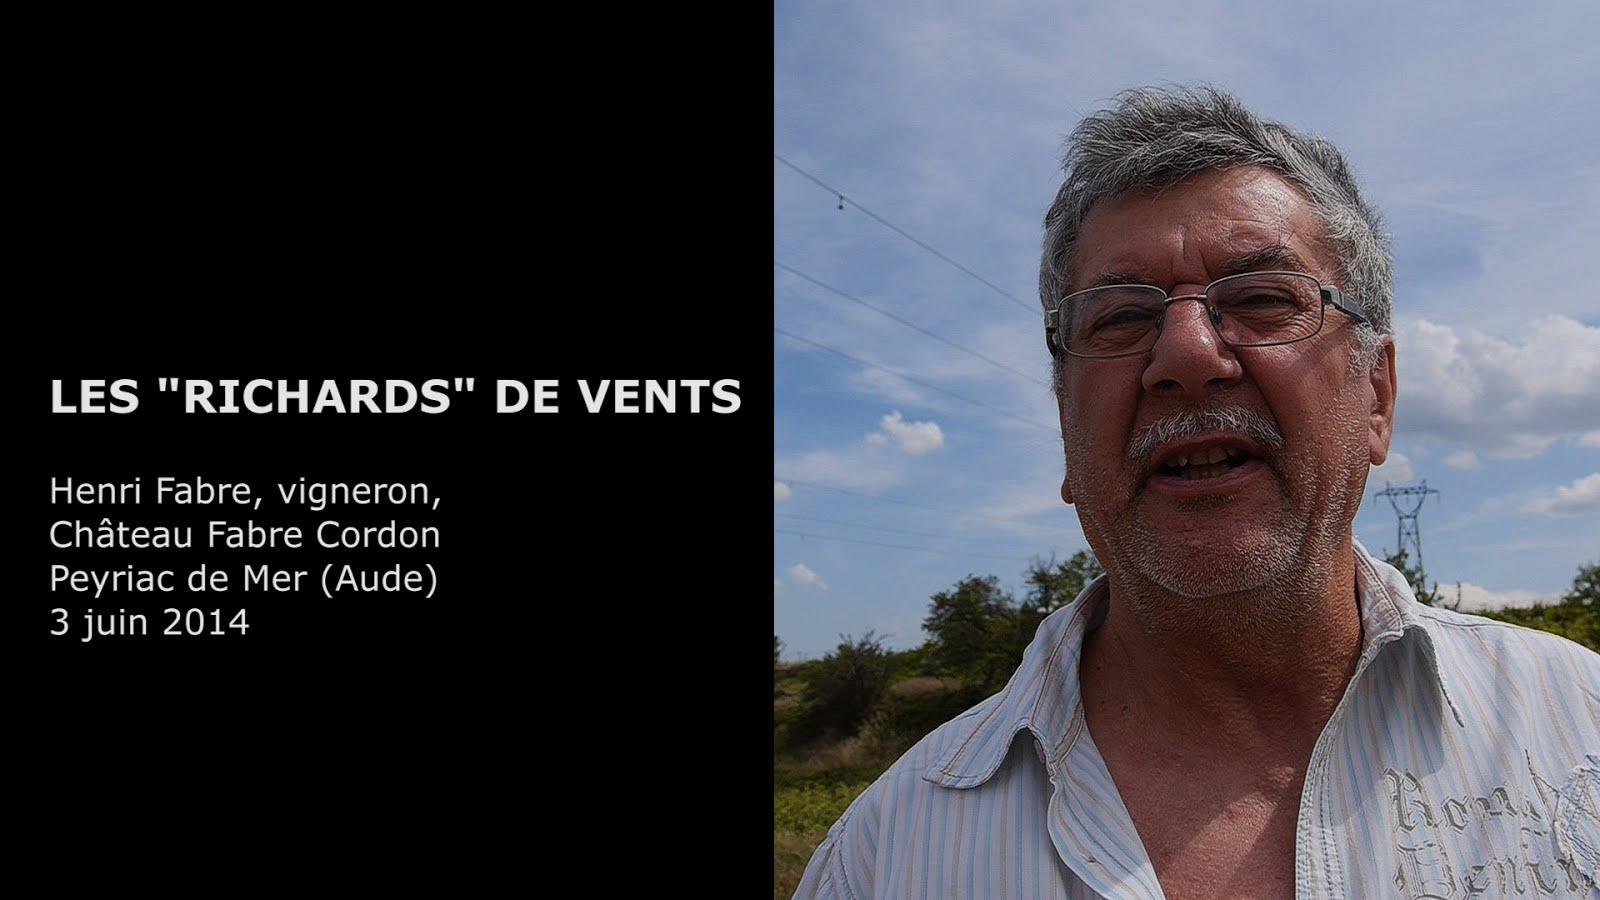 Henri Fabre, vigneron